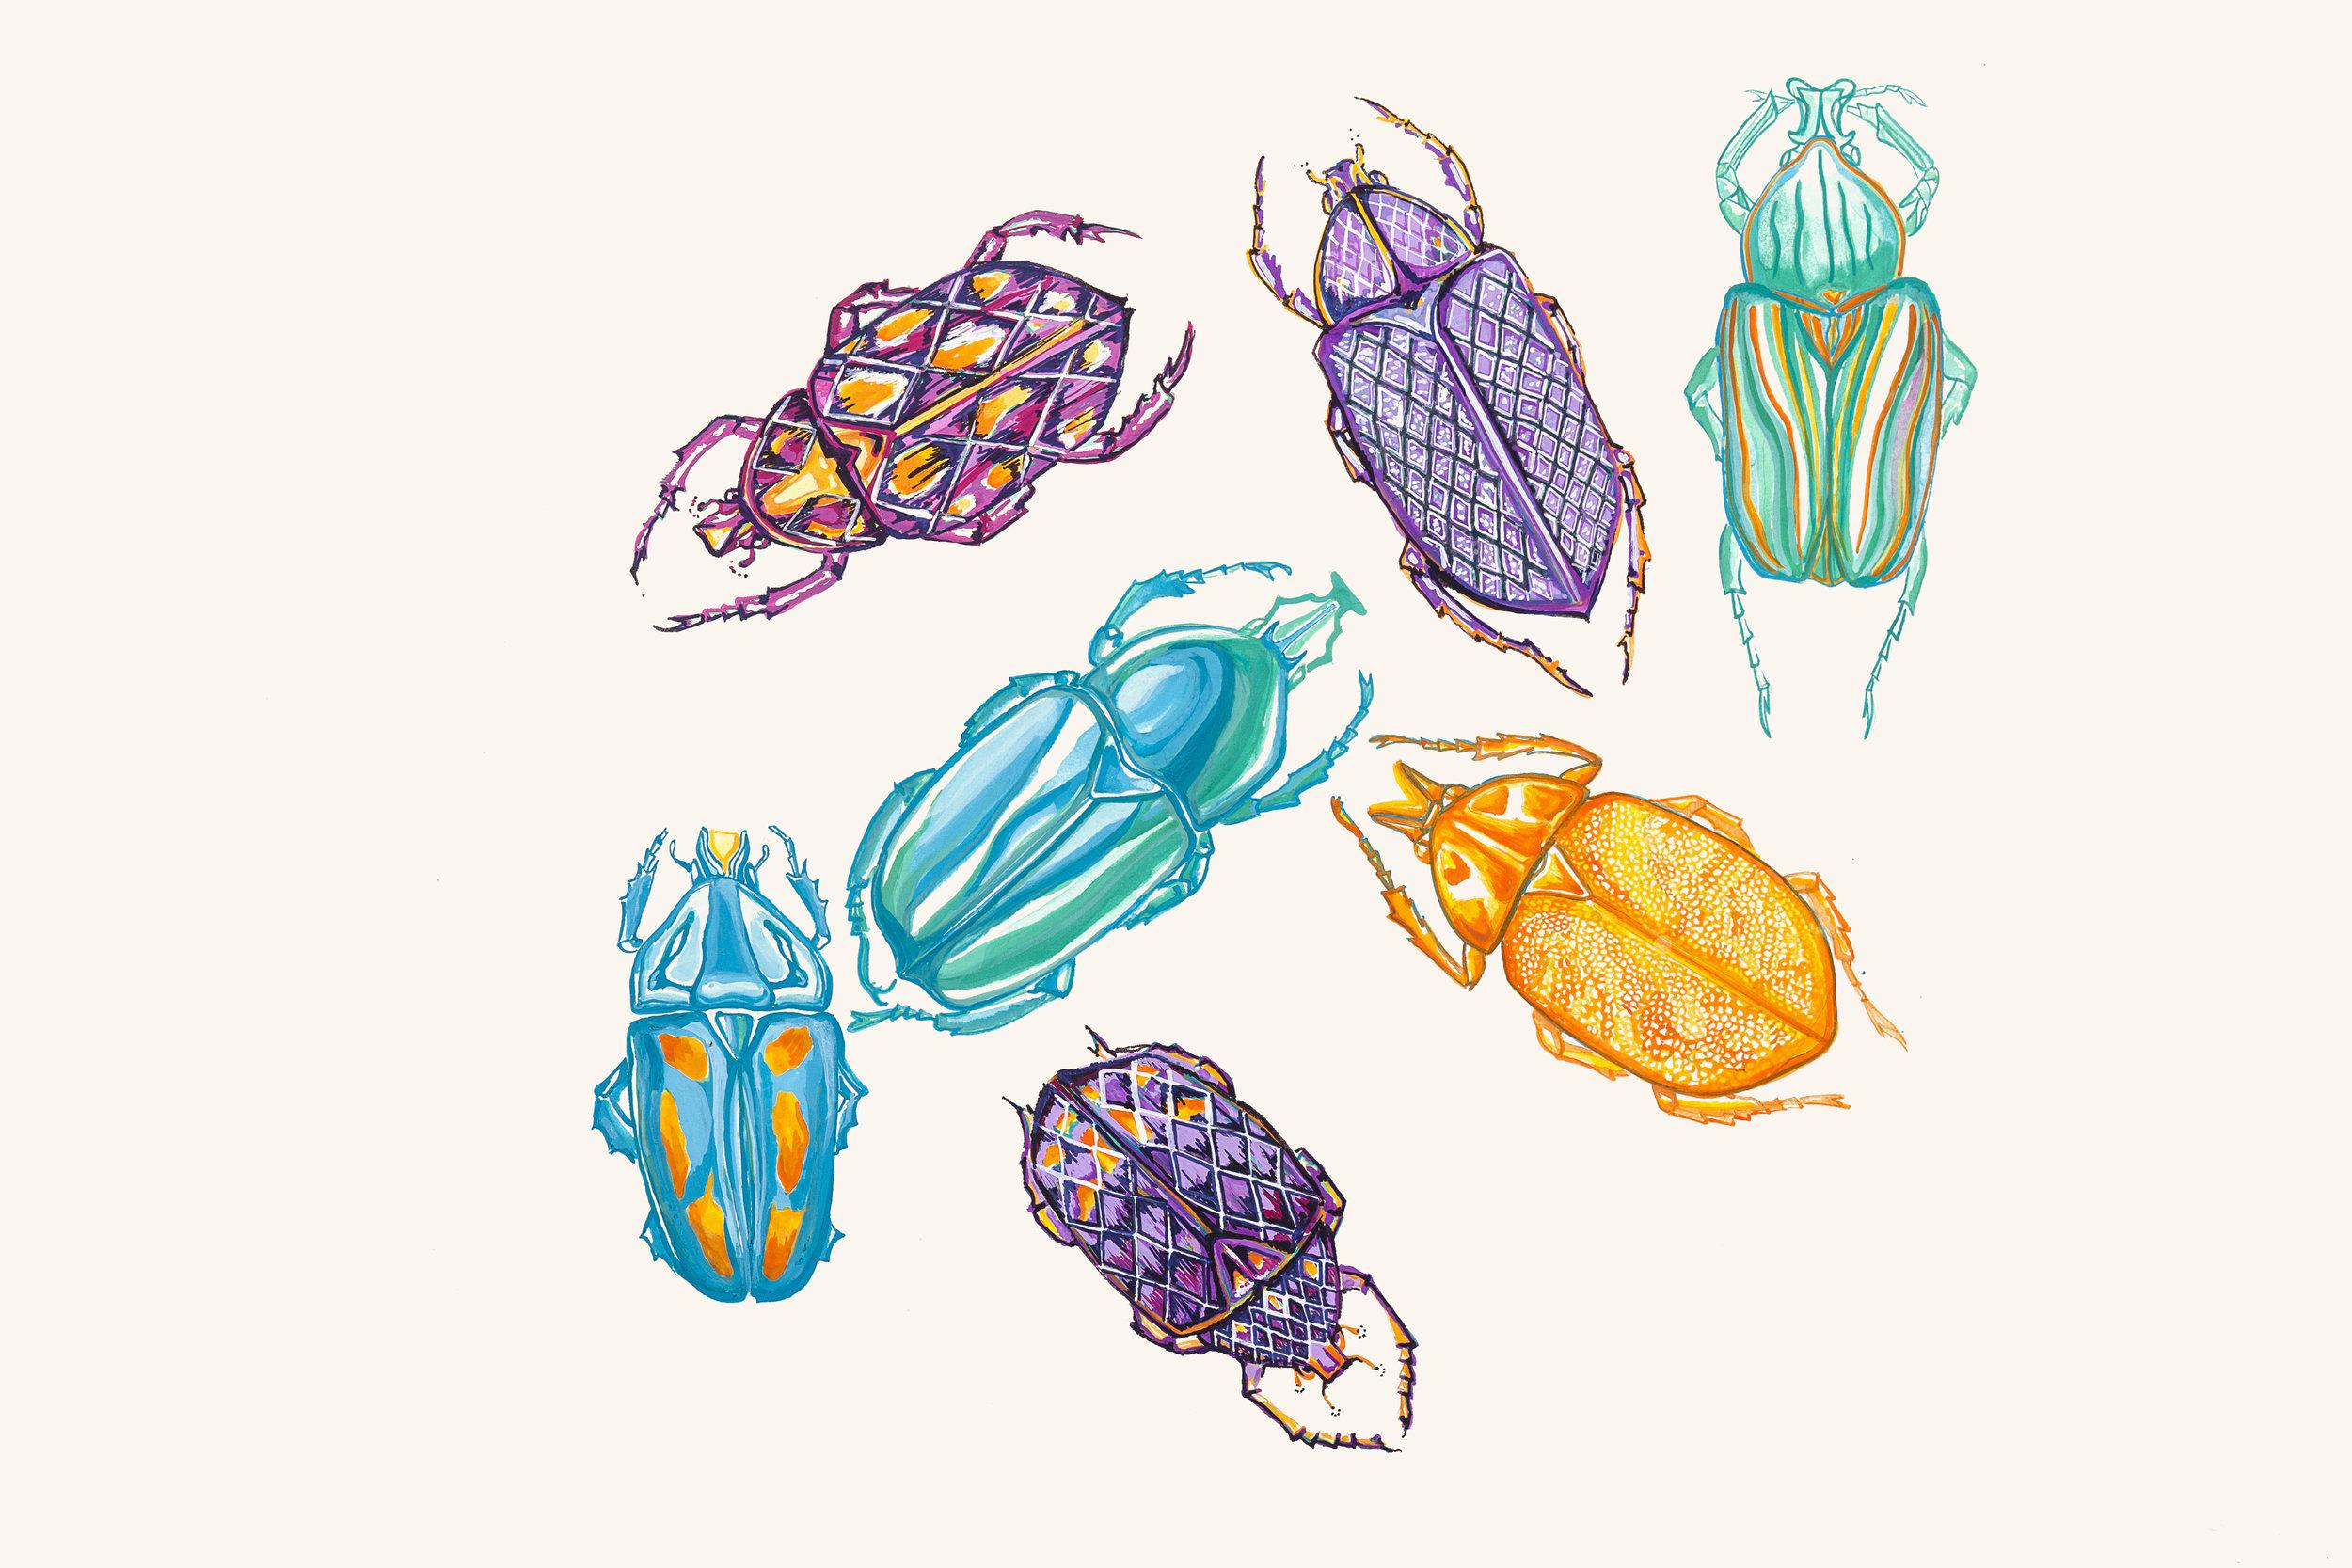 estudo de insetos e padrões para estampa  botânica  [guache]